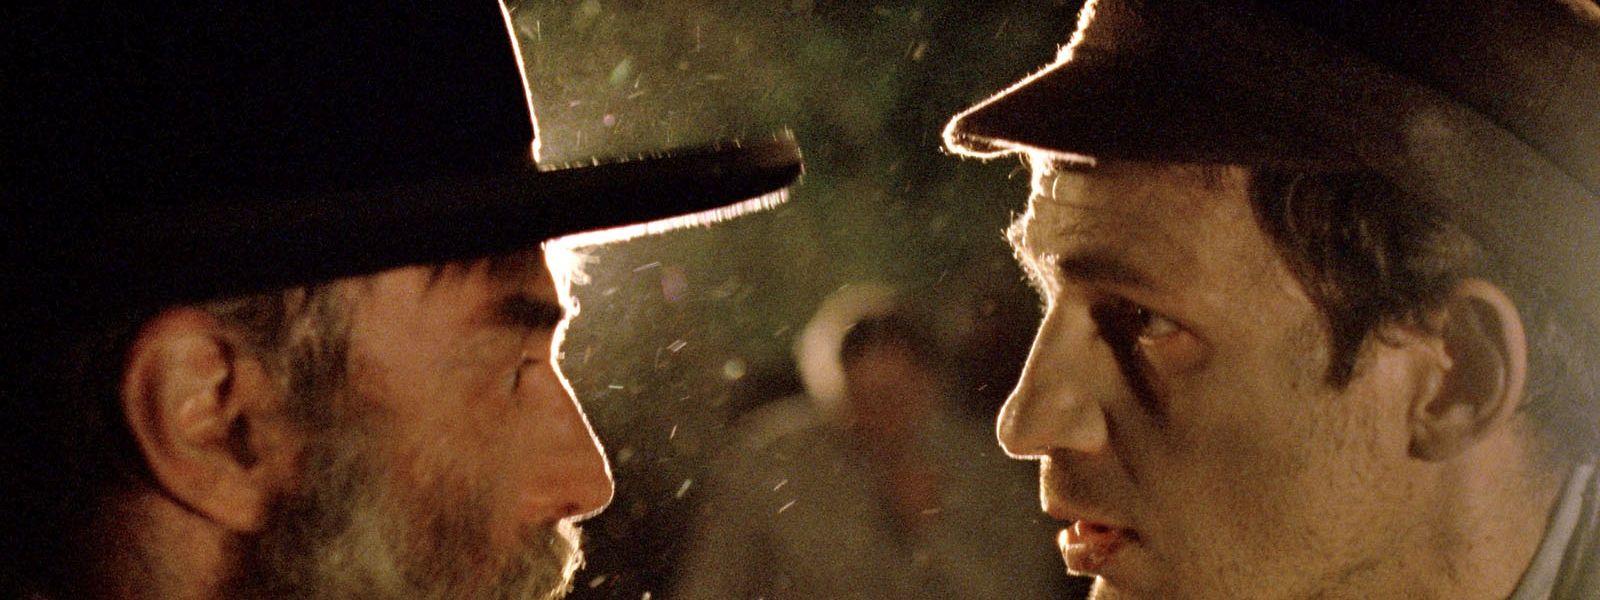 Sonderkommando-Mitglied Saul (Géza Röhrig, r.) versucht, einen Rabbi zu finden, der seinen toten Sohn beerdigt.